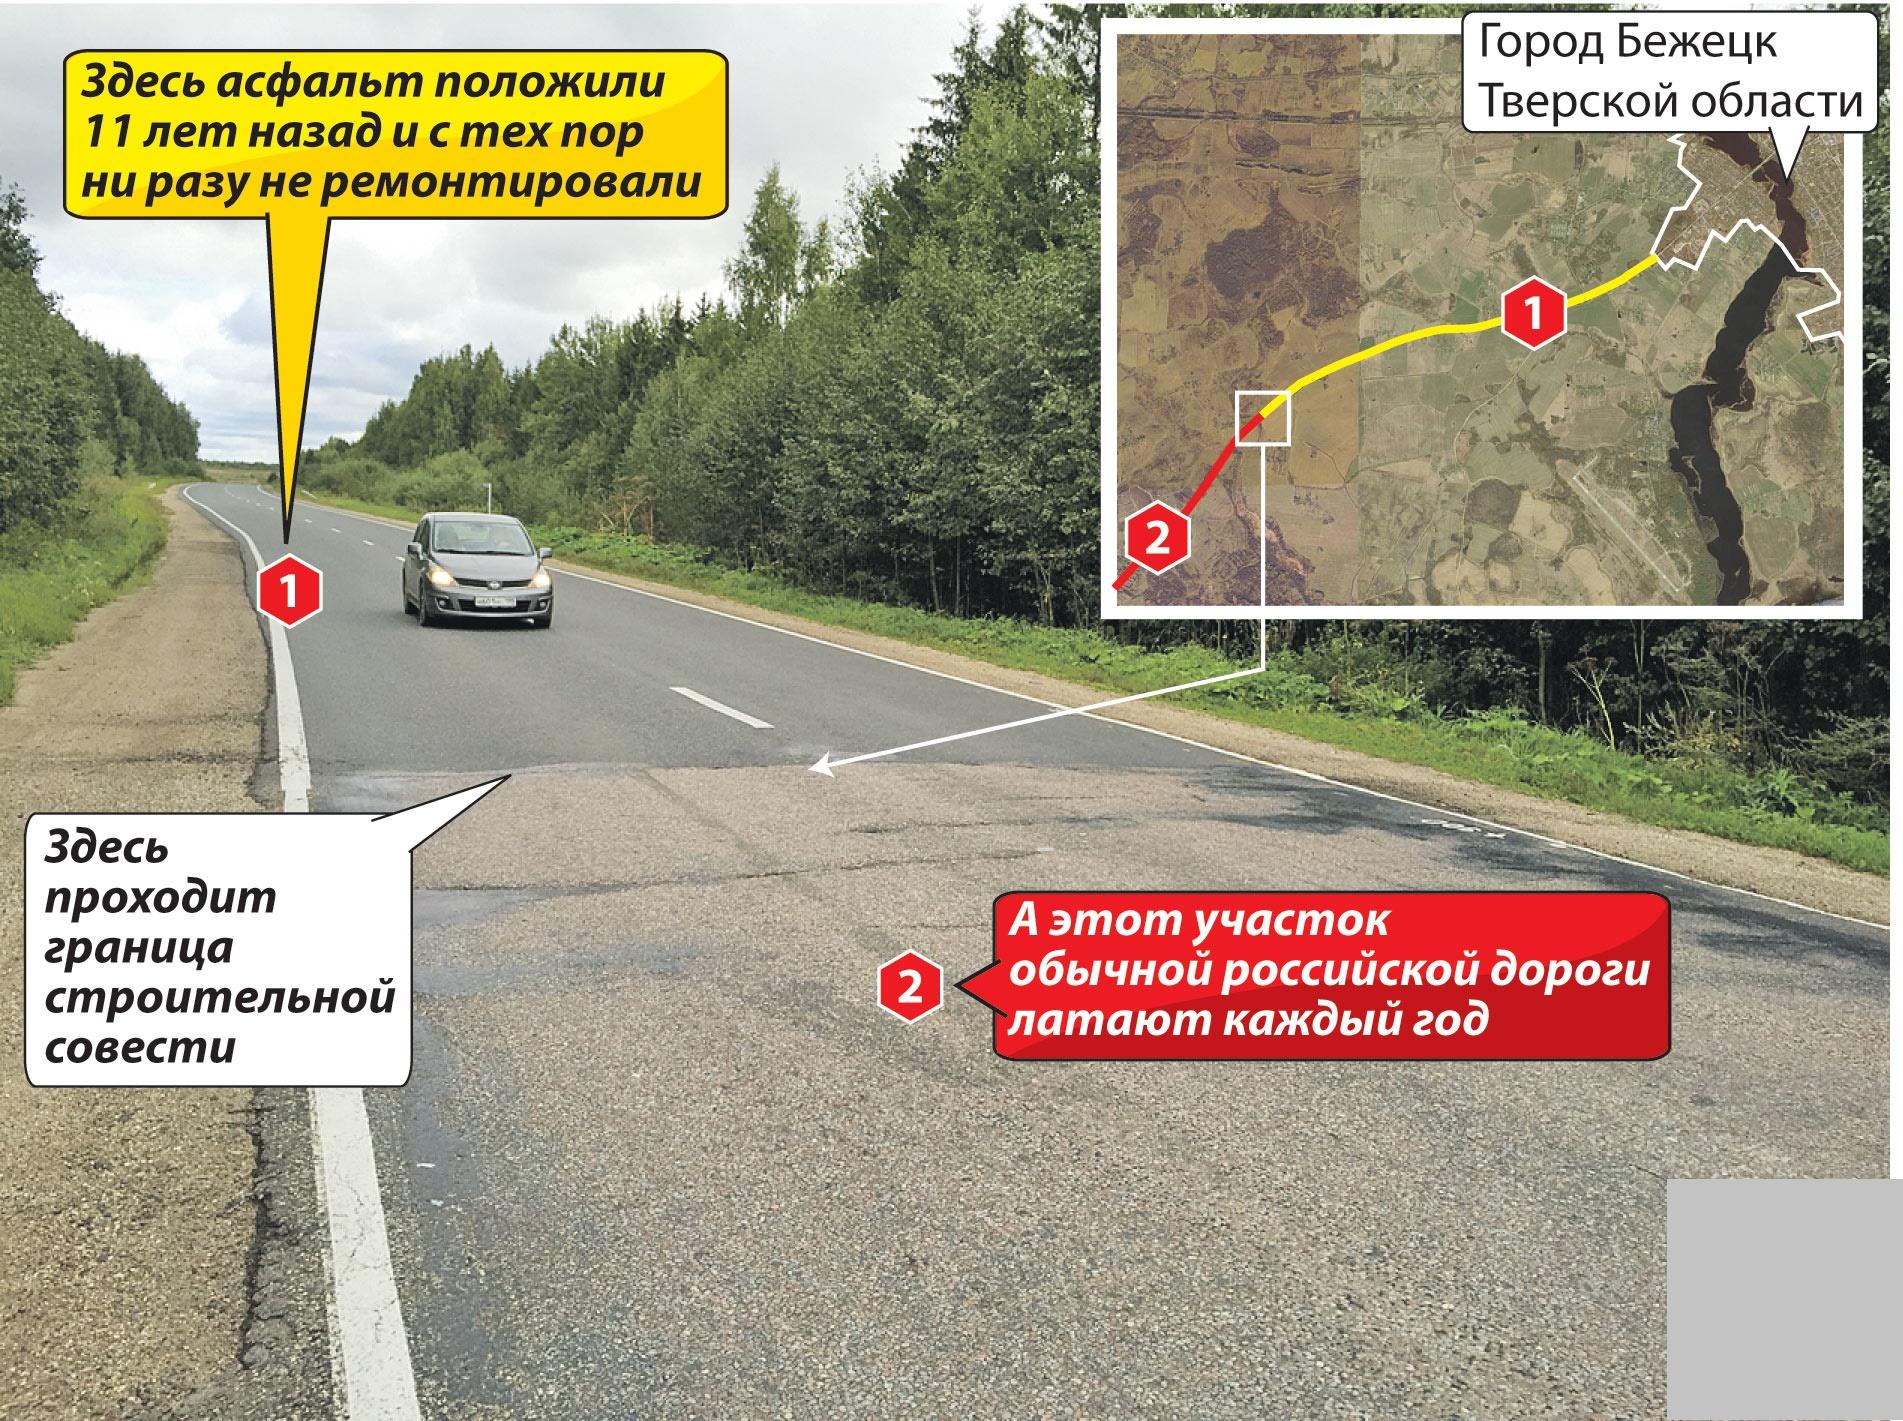 Пример, как нужно строить дороги 1